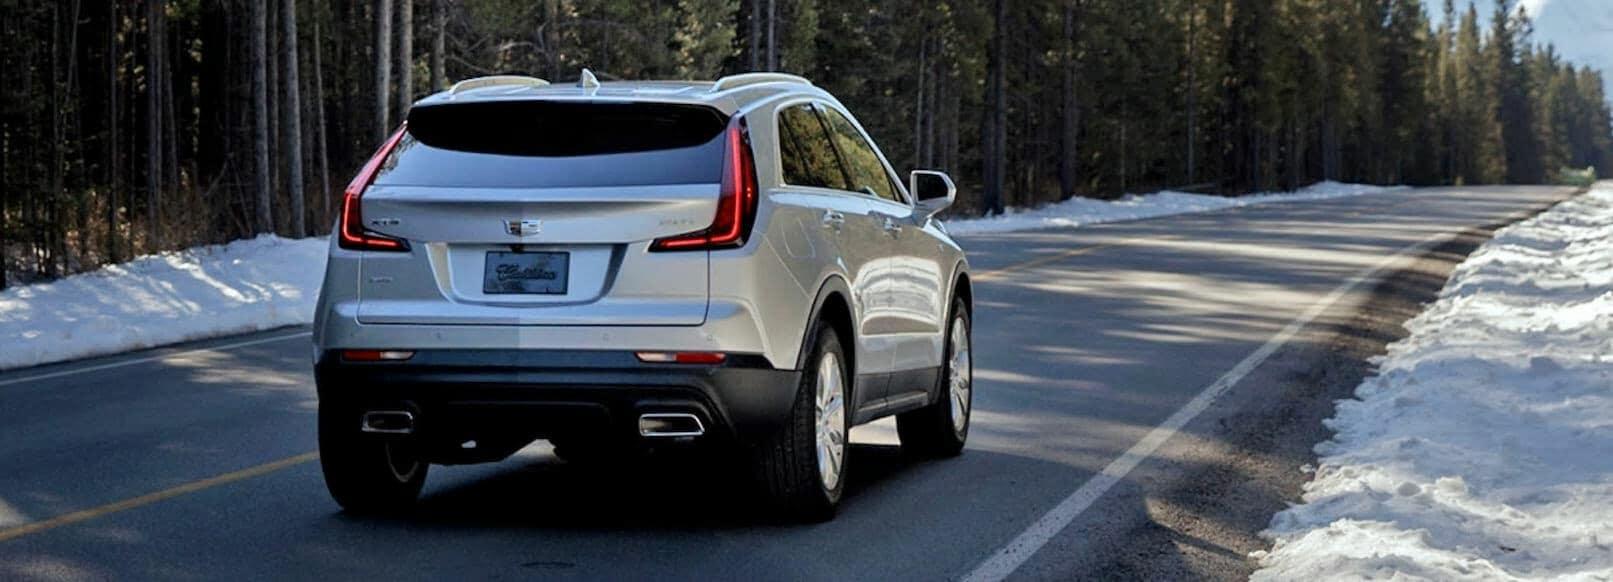 2019 Cadillac XT4 driving down road rear view